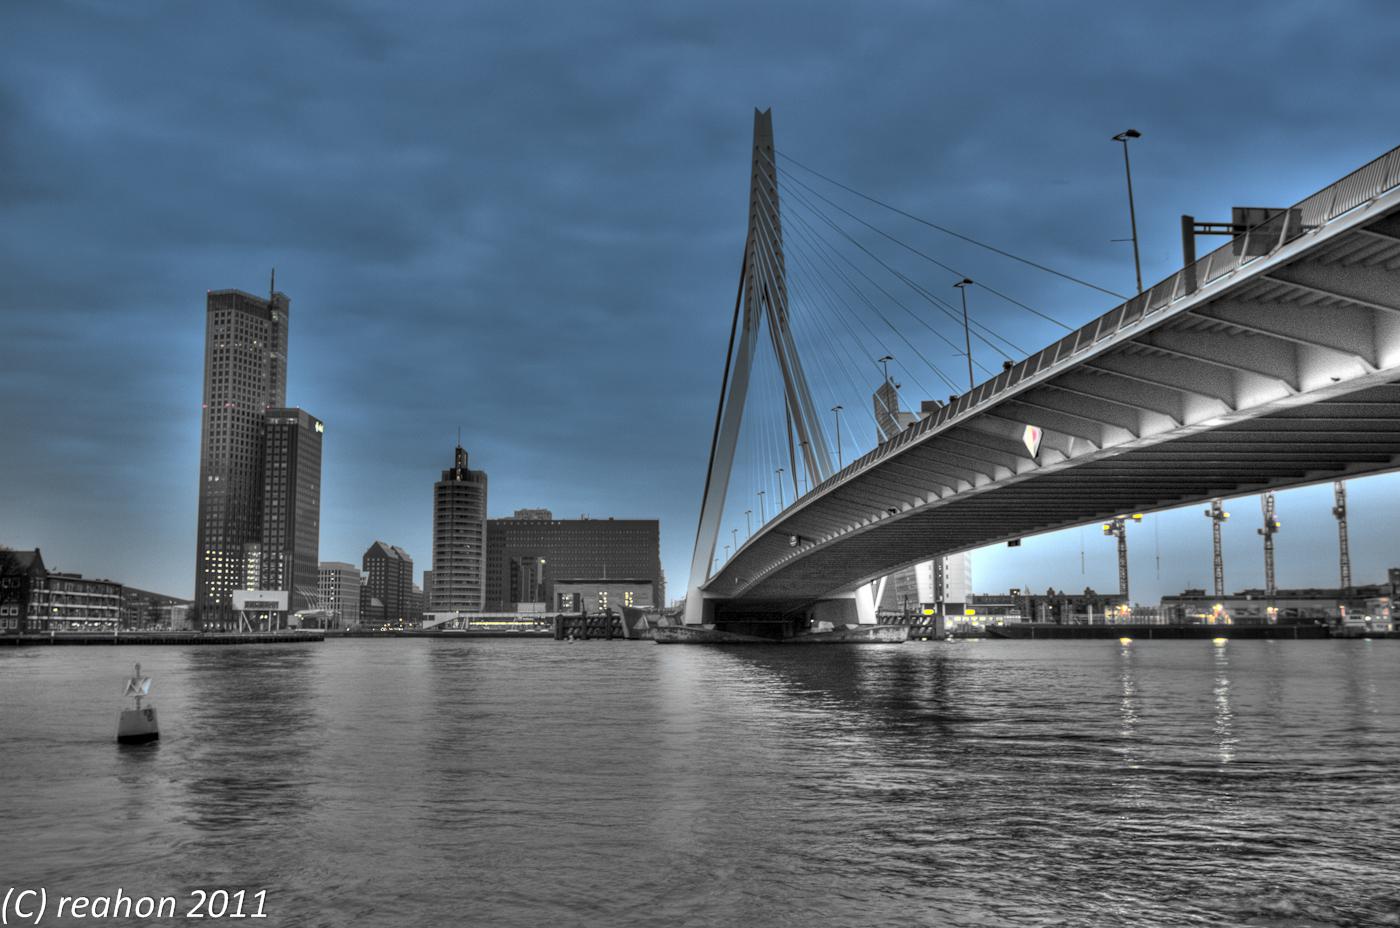 Erasmusbrug Erasmus Bridge Rotterdam The Netherlands